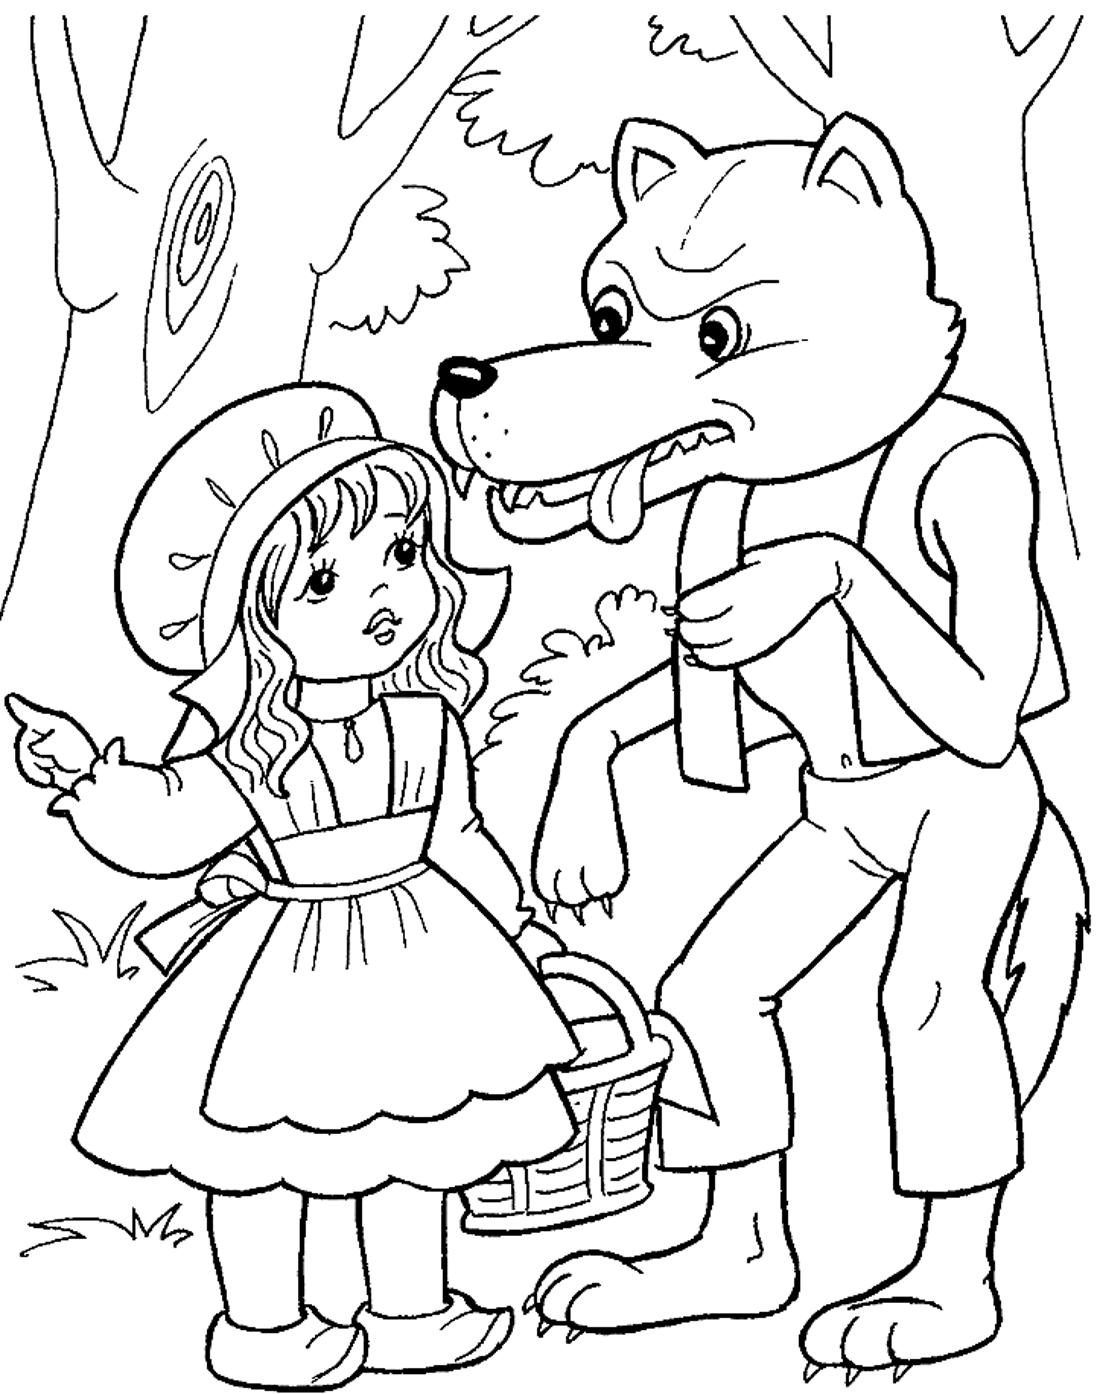 Картинка раскраска волк из сказки